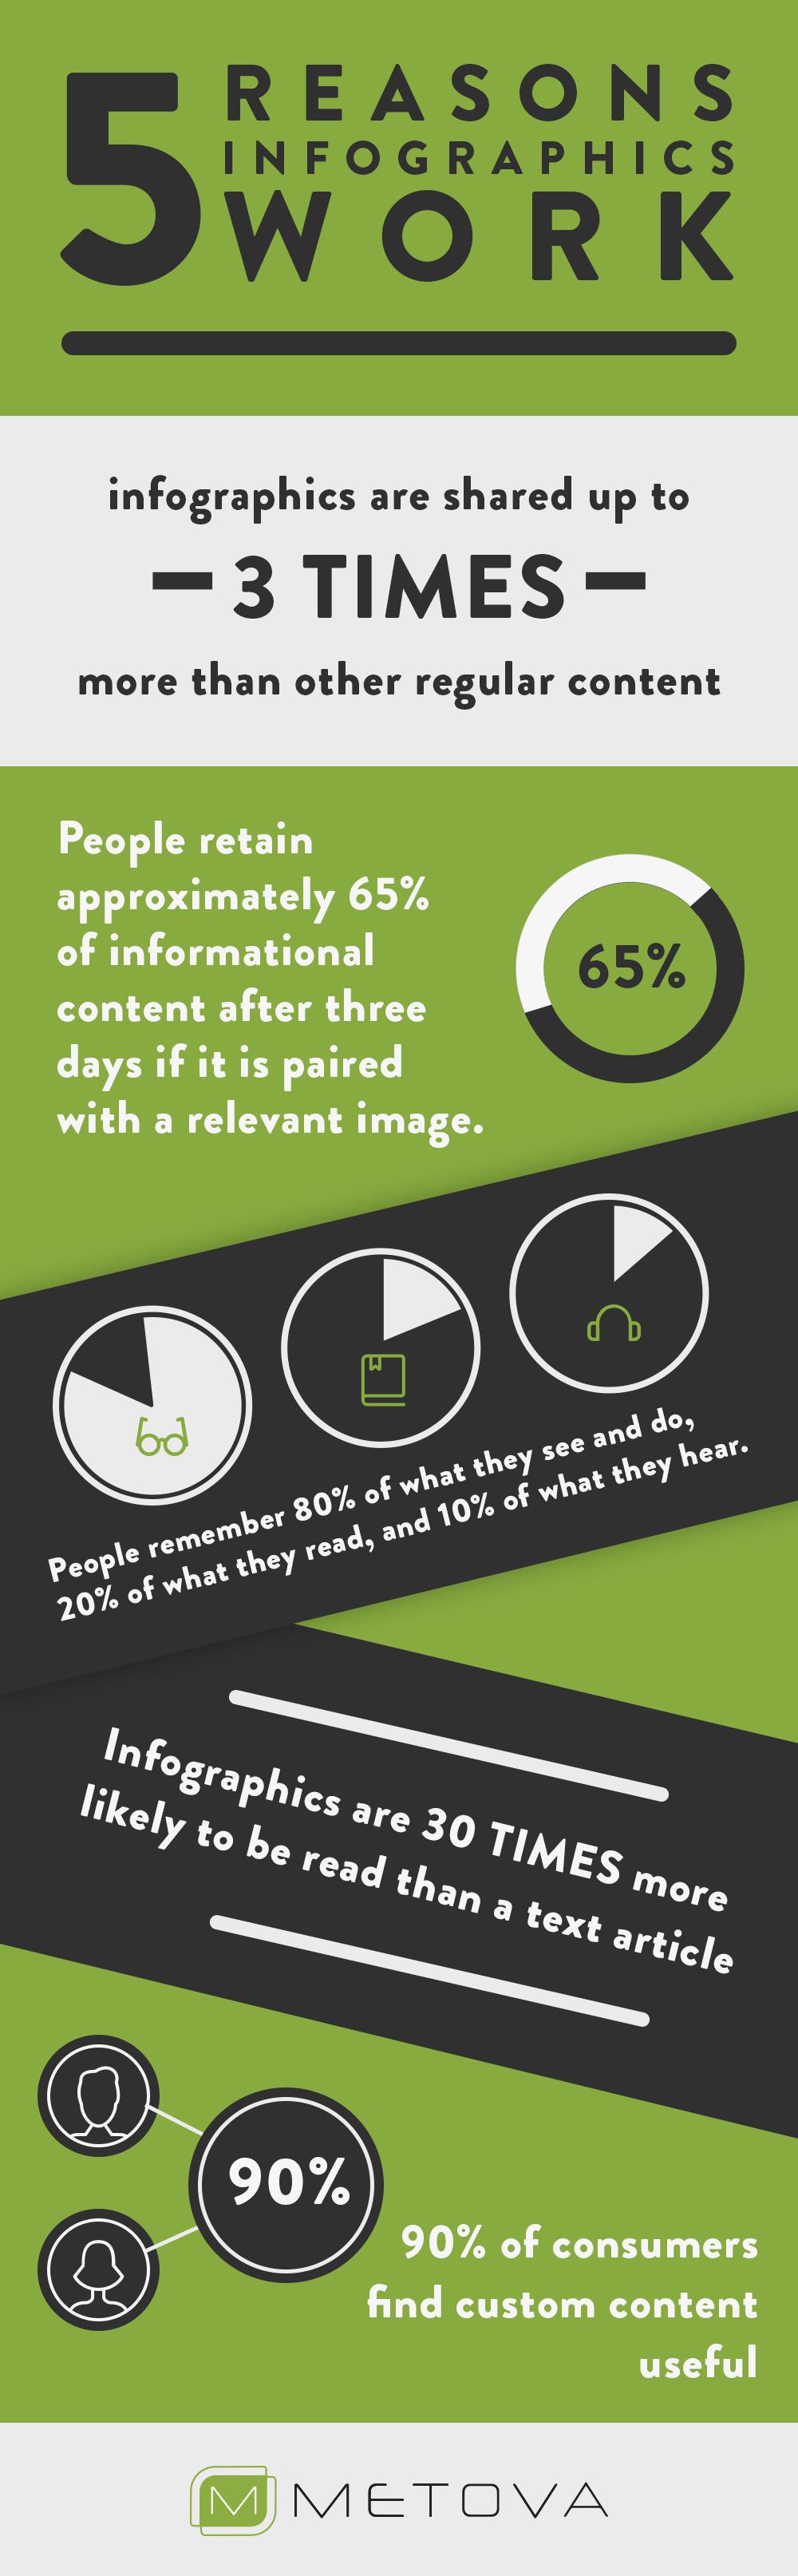 5 reasons infographics work metova